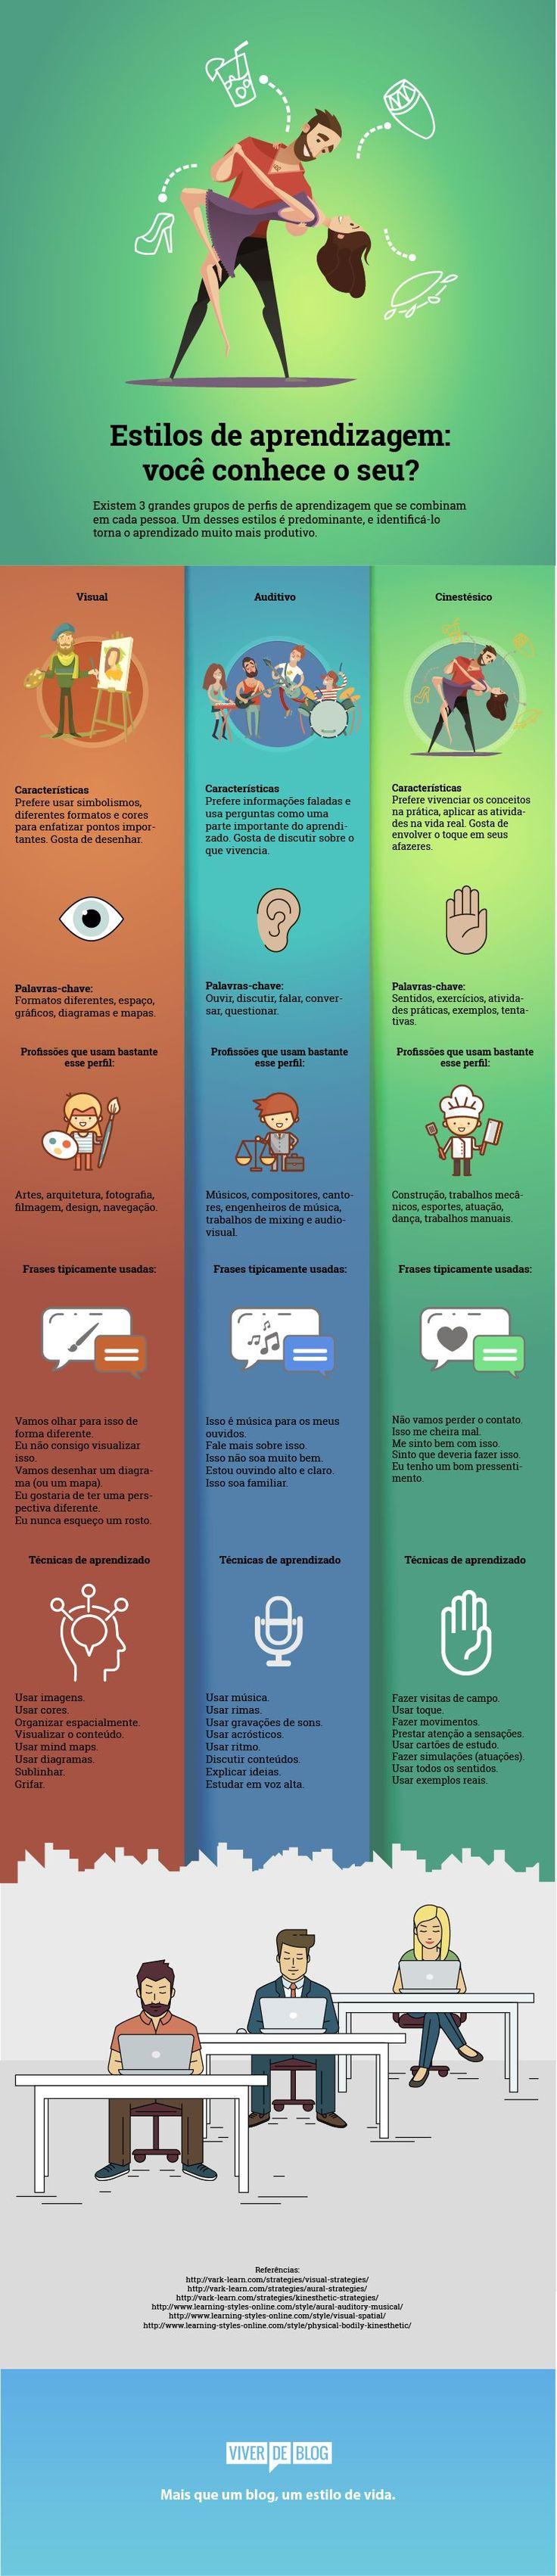 Infografico-Estilos-De-Aprendizagem Clique aqui http://www.estrategiadigital.pt/ferramentas-de-marketing-digital/ e confira agora mesmo as nossas recomendações de Ferramentas de Marketing Digital